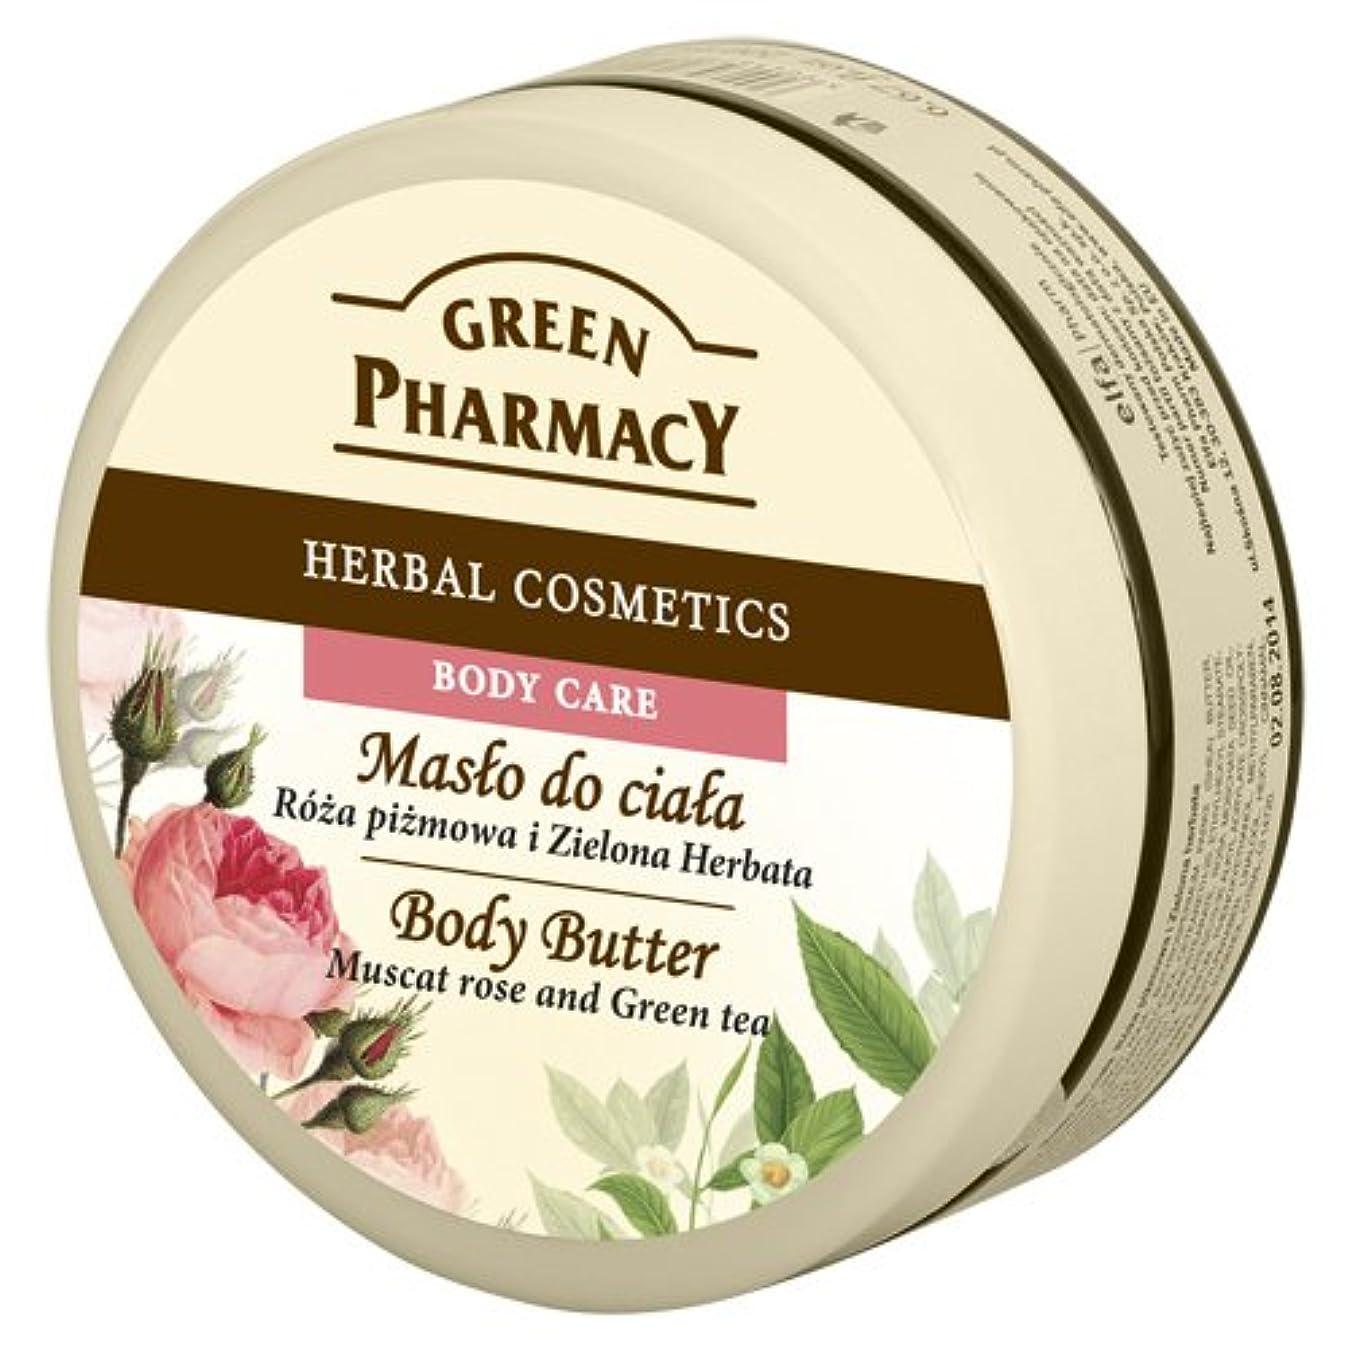 不正確成功した検出器Elfa Pharm Green Pharmacy グリーンファーマシー Body Butter ボディバター Muscat Rose and Green Tea